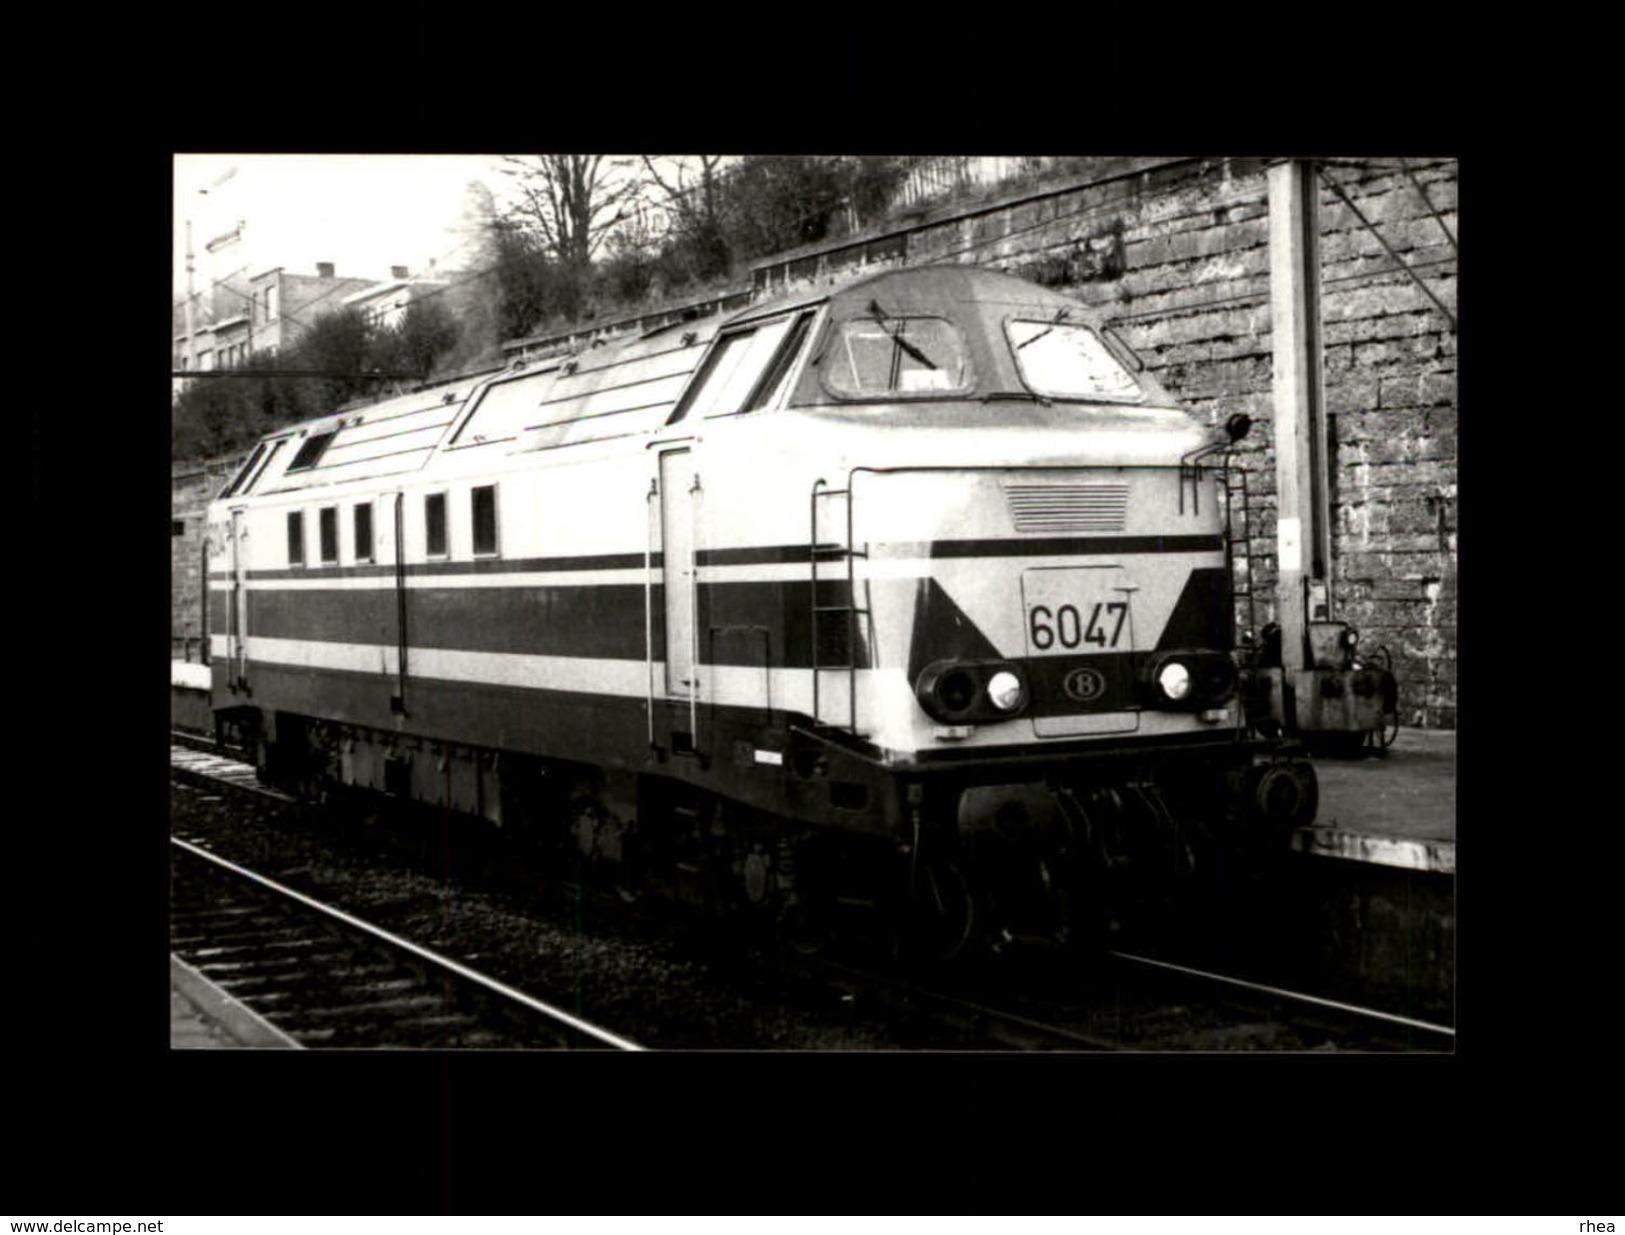 TRAINS - LIEGE - BELGIQUE - Locomotive 6047 - Trains